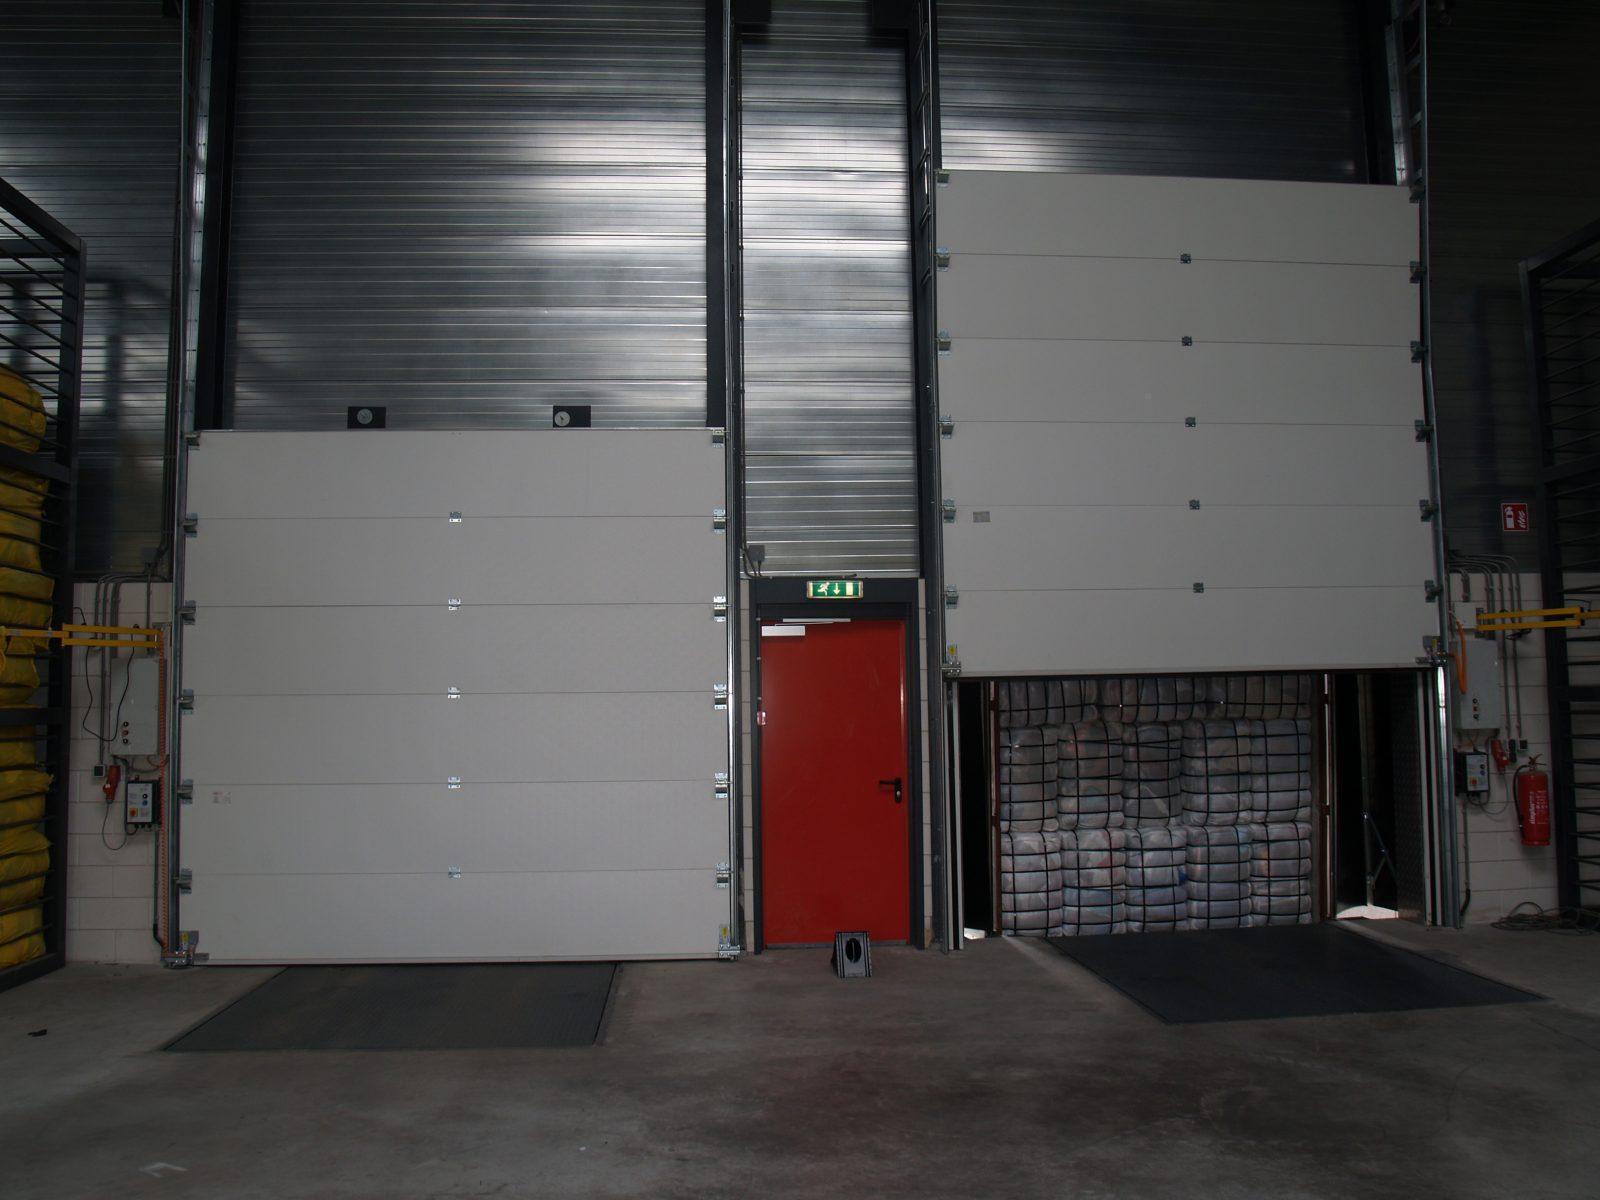 Protec Doors Amp Image 13 Of Protec Doors Garage Doors